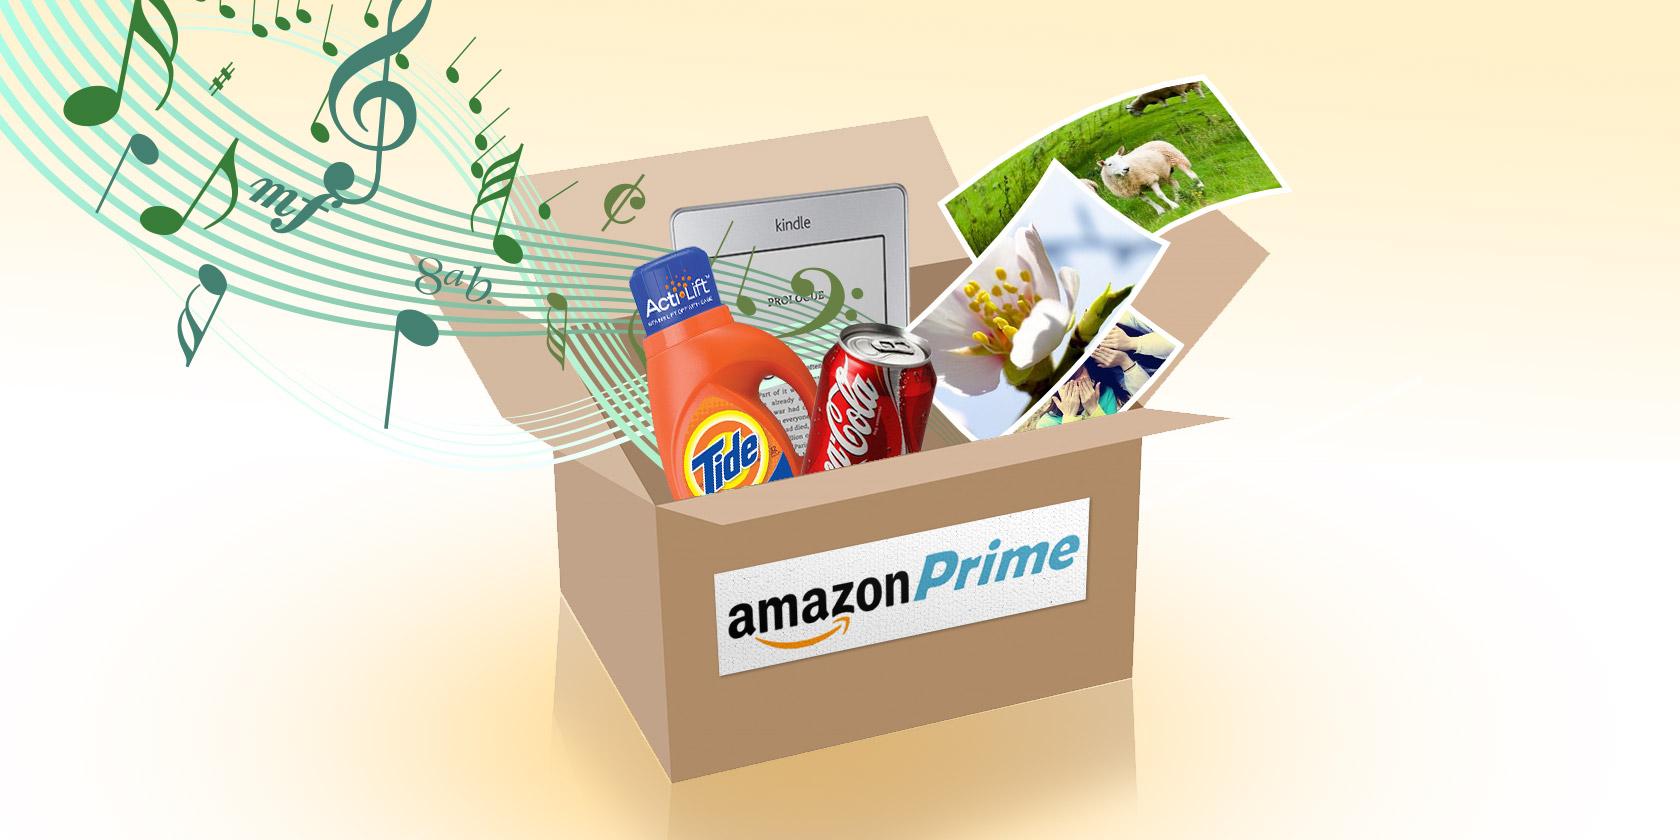 amazon-prime-benefits